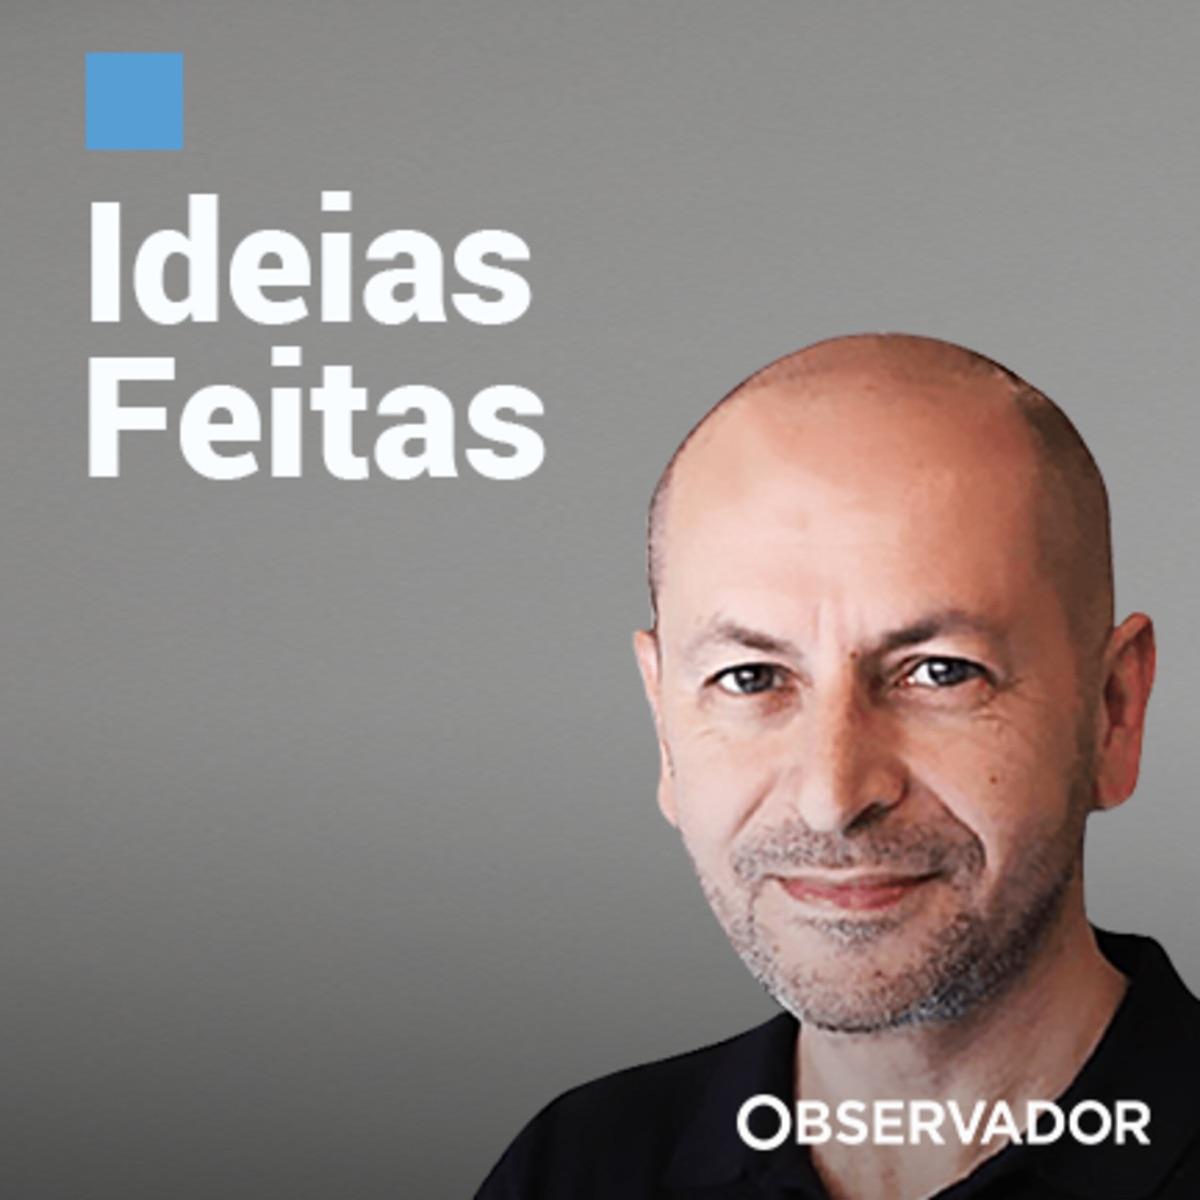 Ideias Feitas